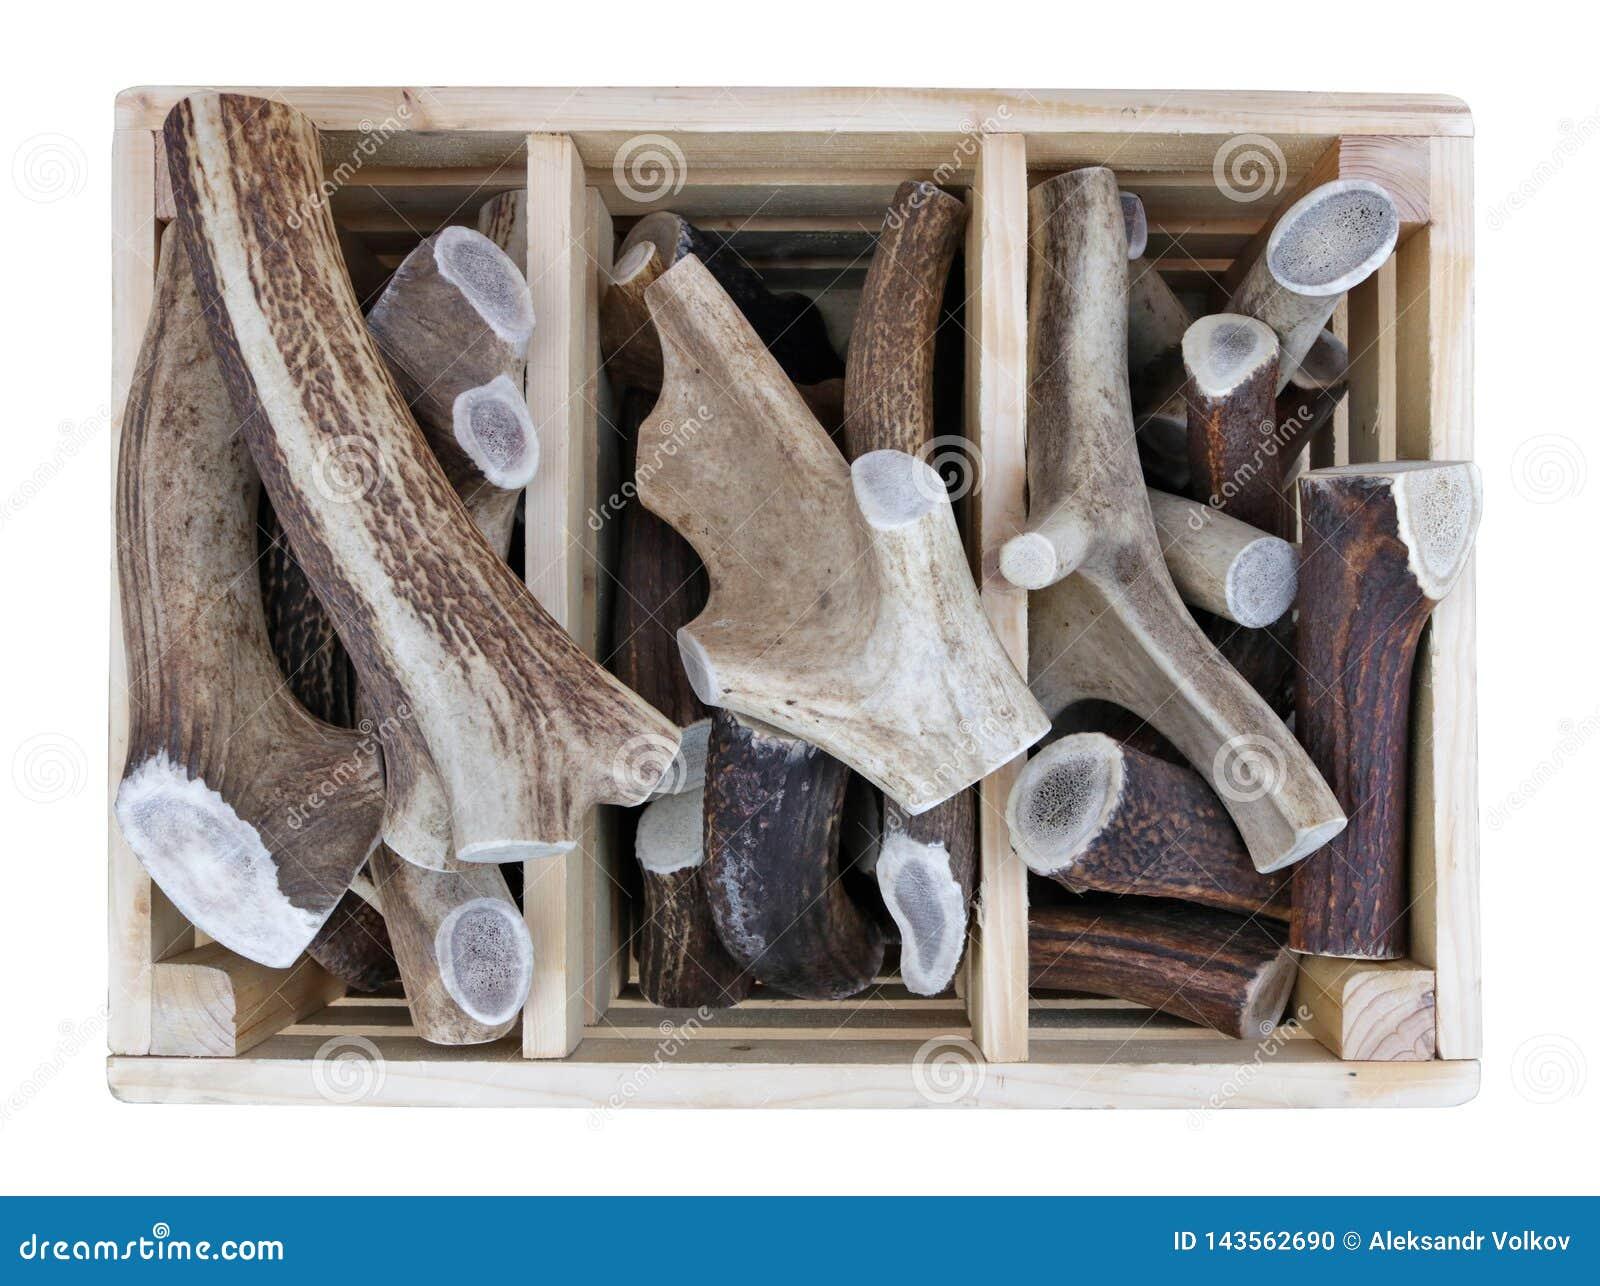 Спиленные части antlers оленей и лосей леса в деревянной коробке проданной на улице